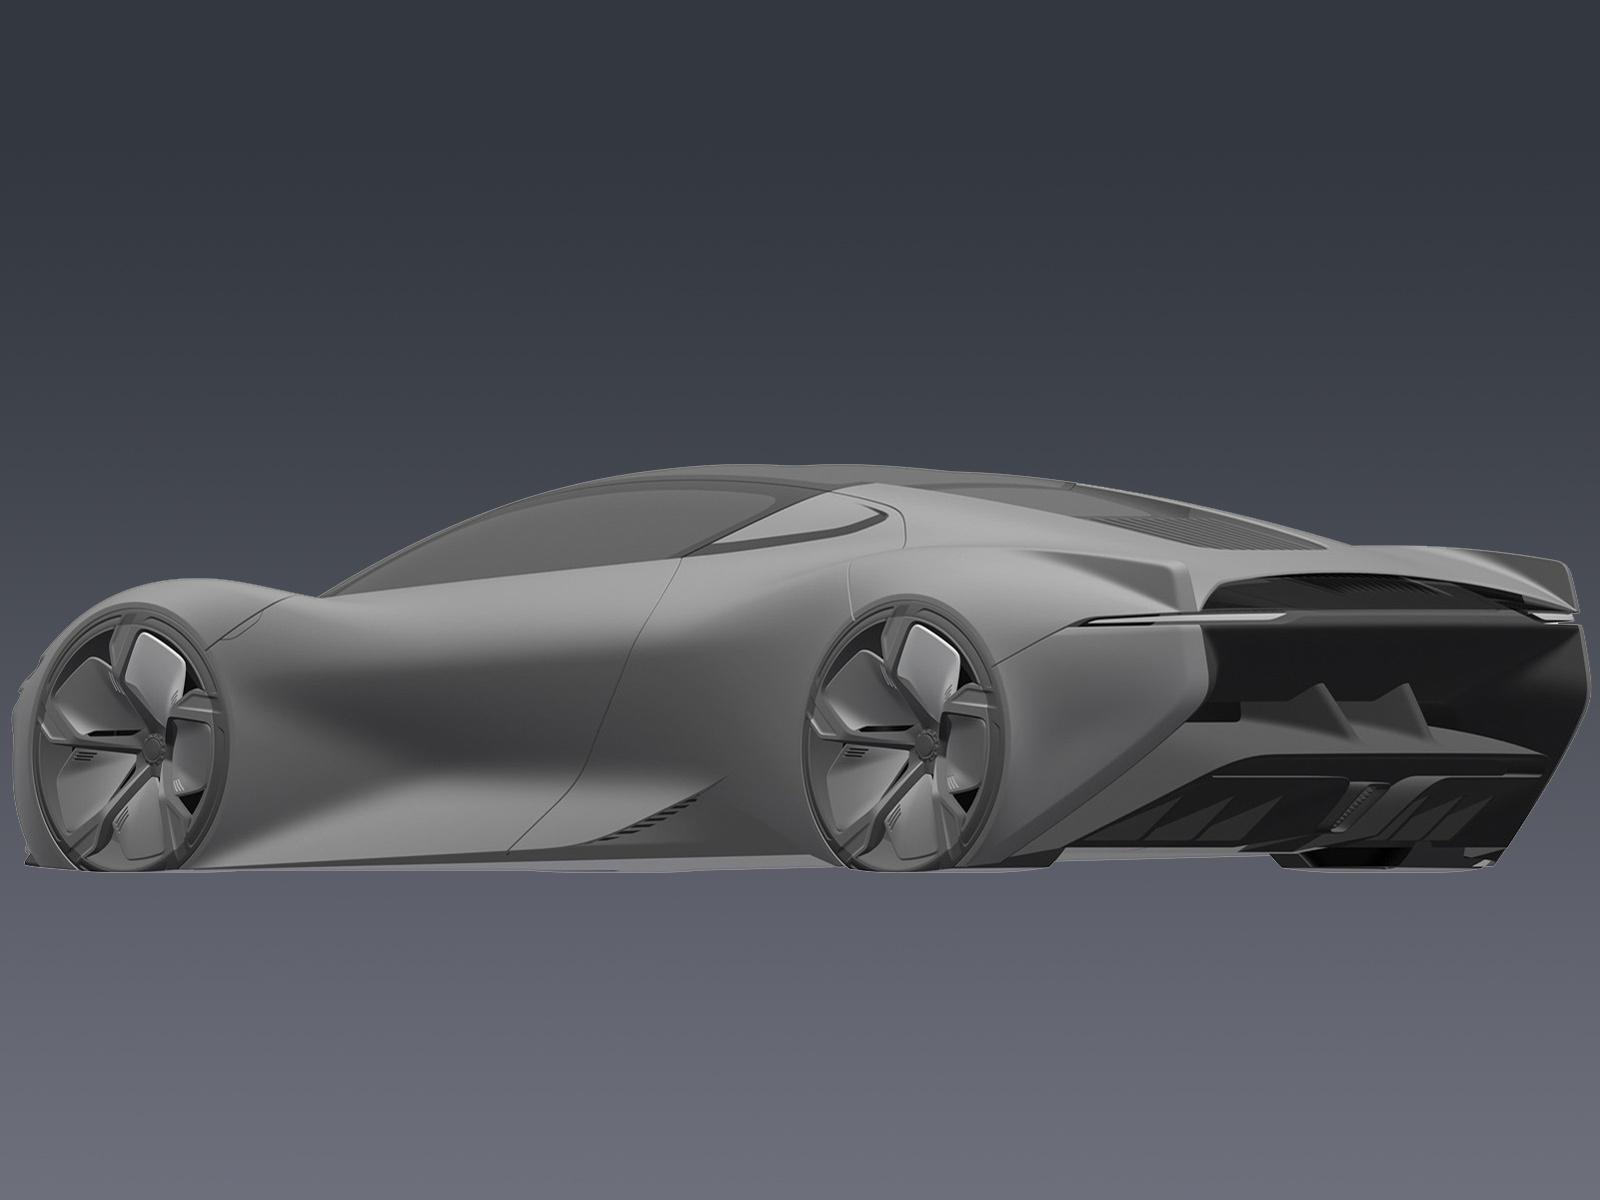 Прошло почти пять лет с тех пор, как Jaguar решил, что создание концепции суперкара C-X75 не было финансово оправдано. Модели Halo создаются, когда у автопроизводителя есть здоровый банковский счет и долгосрочные перспективы. Jaguar Land Rover испыта